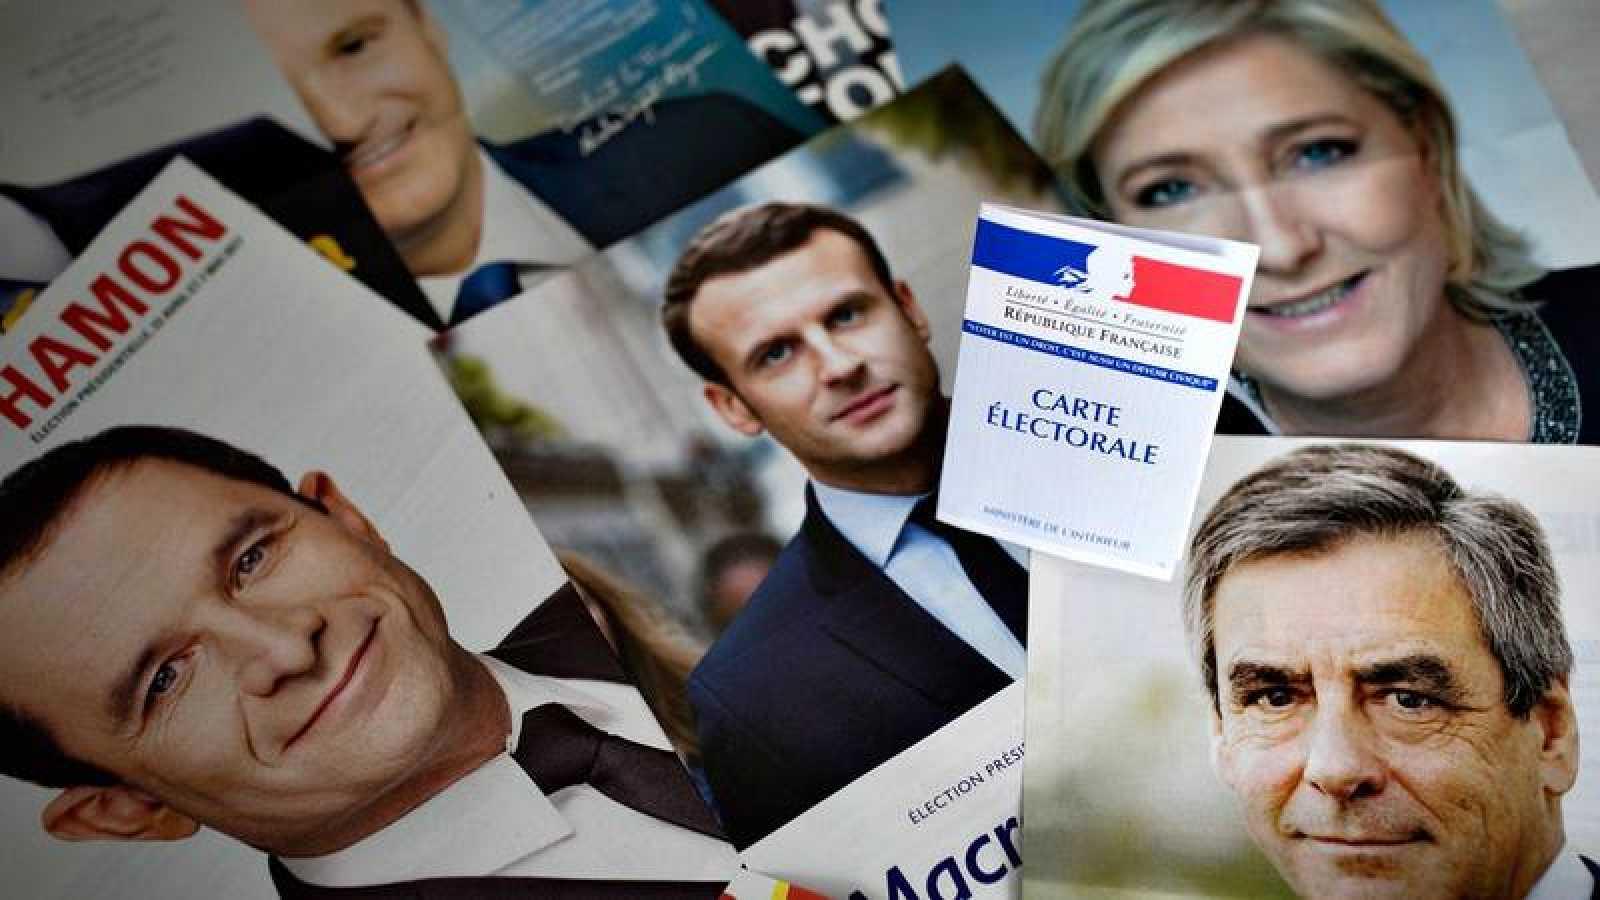 Carteles electorales de las elecciones presidenciales francesas